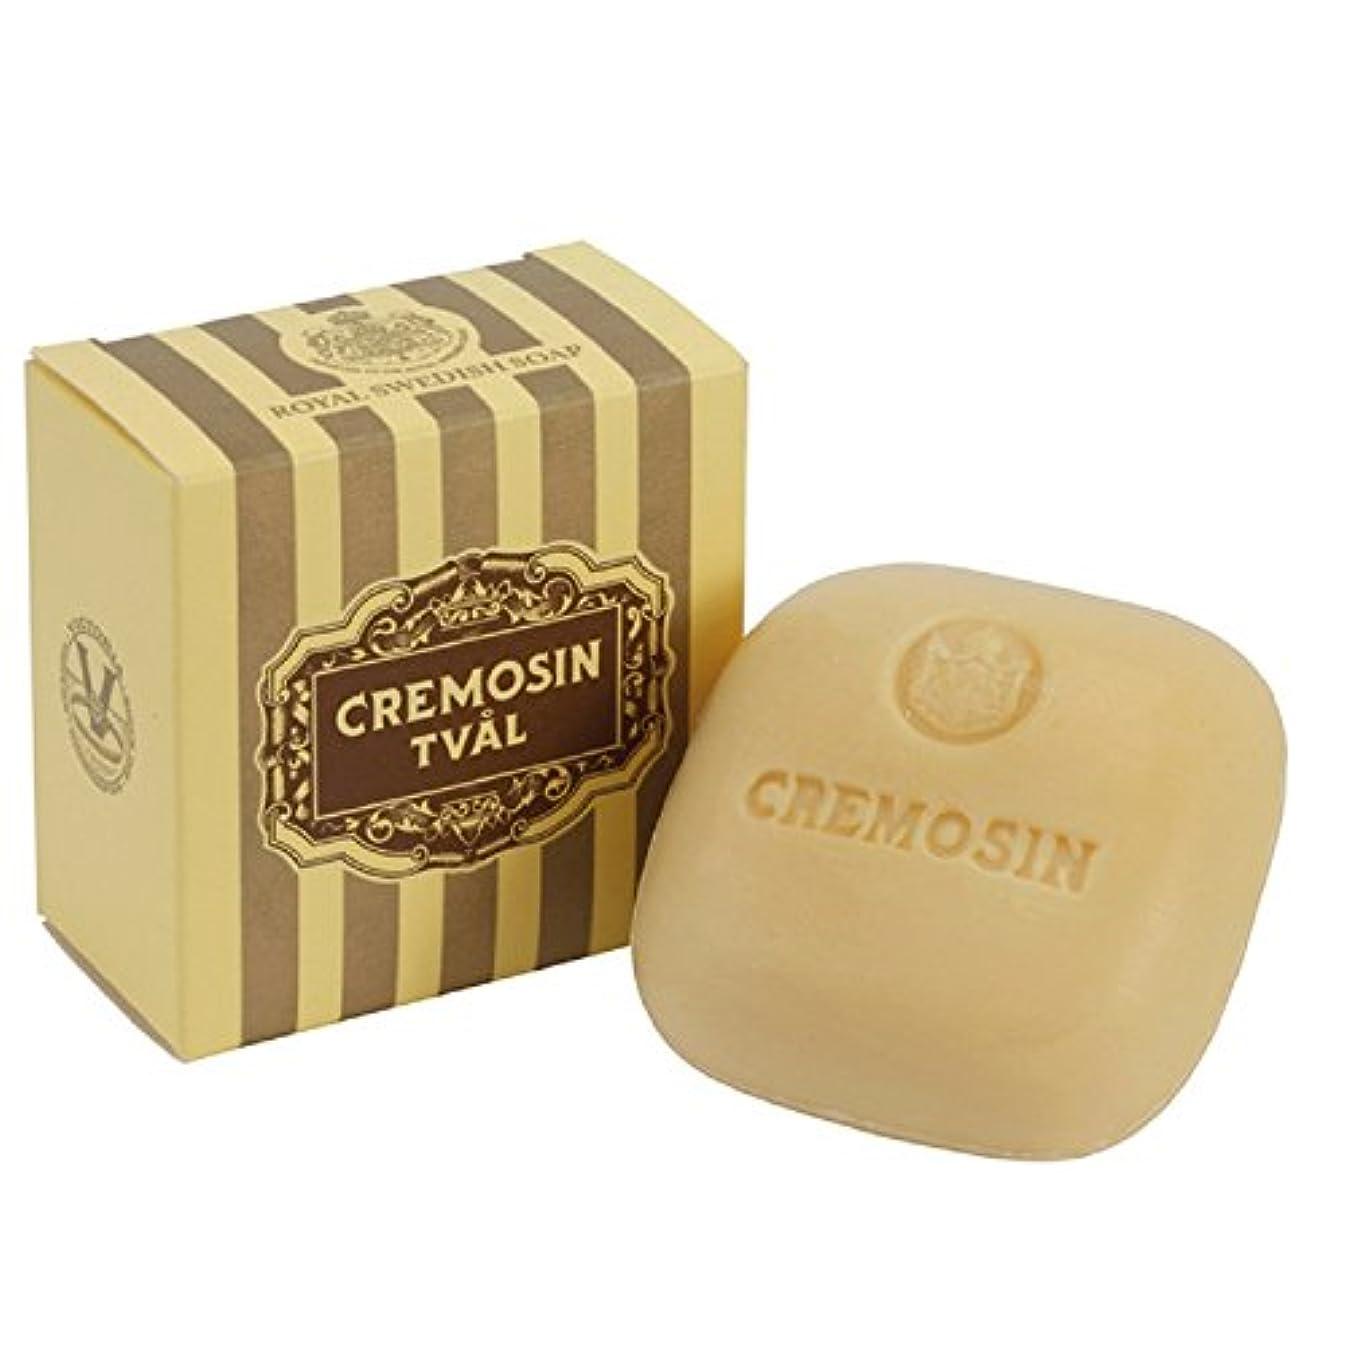 フラスコ周波数する必要があるVictoria Royal Swedish Cremosin Soap 95g ヴィクトリア クレモシンソープ 95g